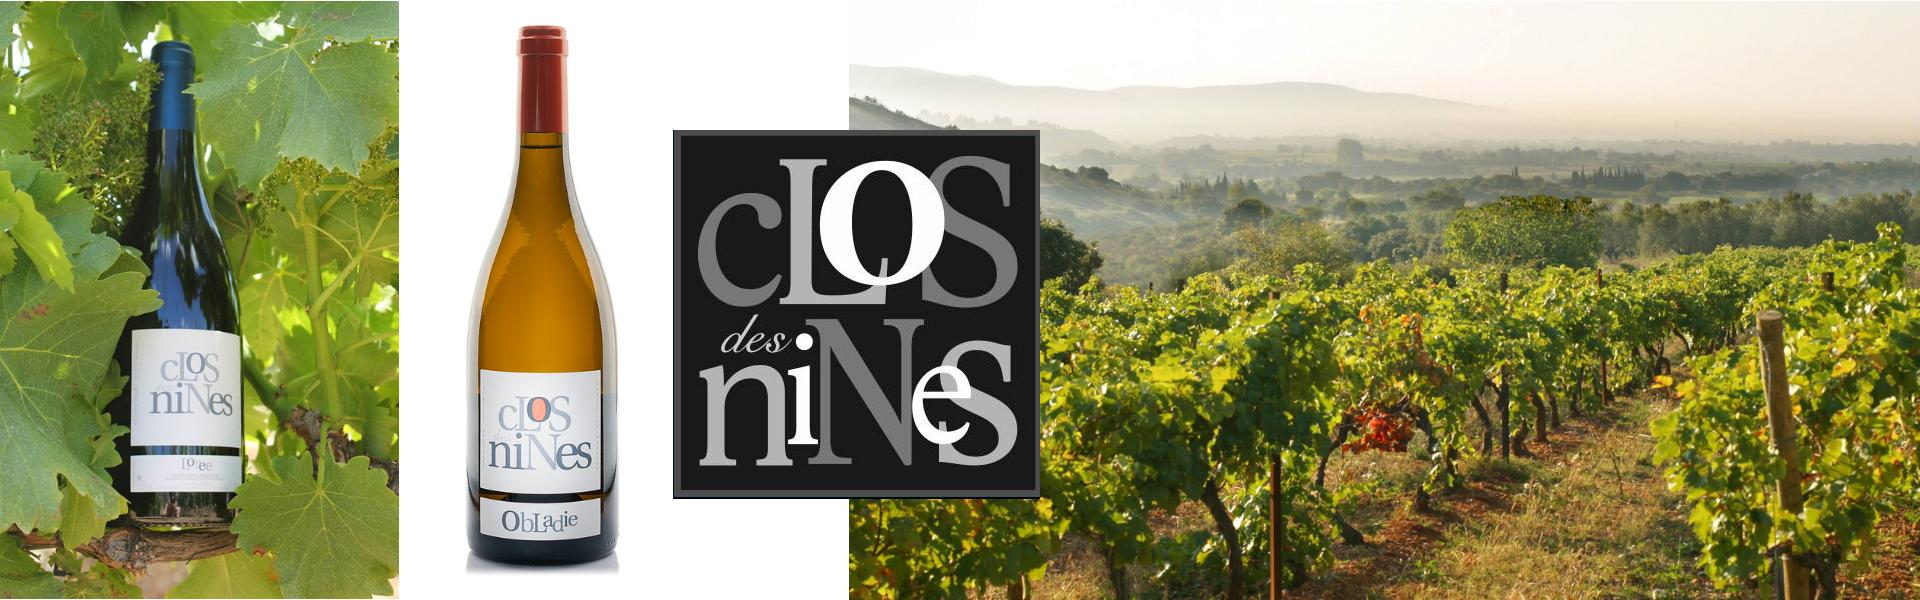 Vinuri Clos des Nines